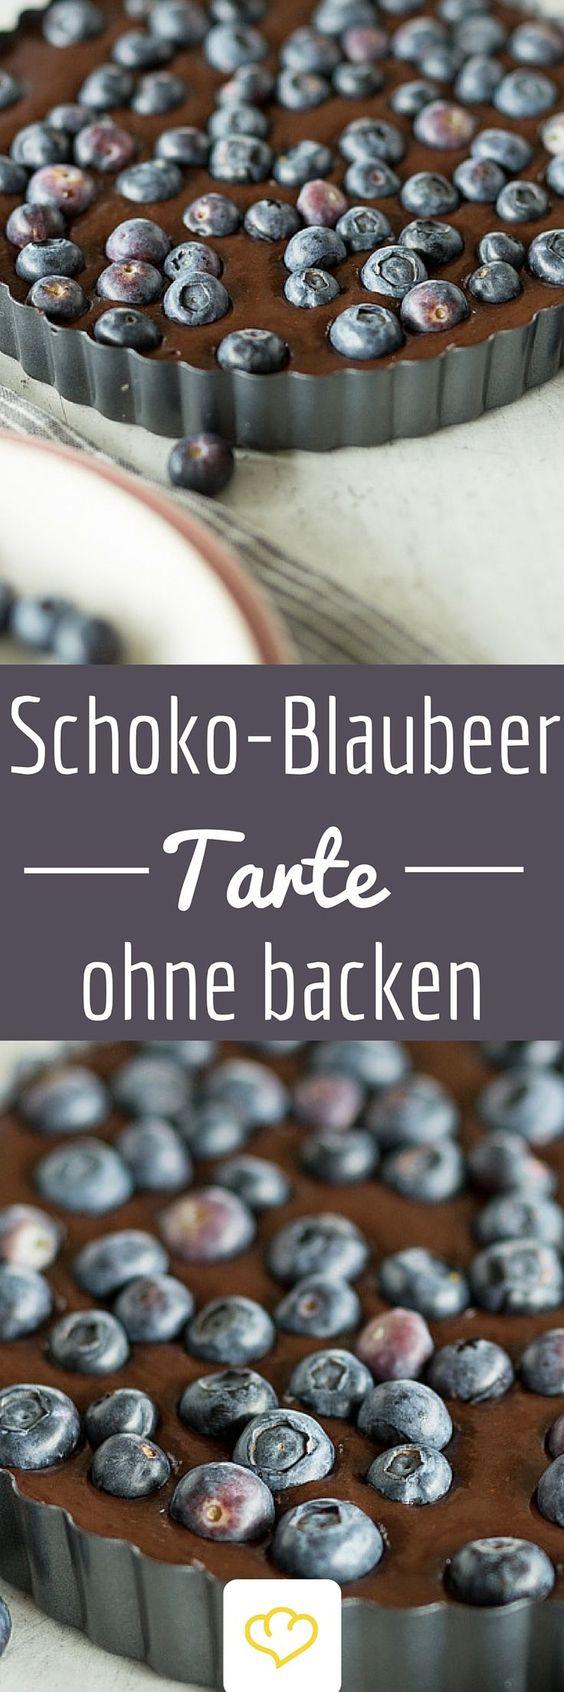 Dunkler Boden Ohne Backen : Schokoladen Blaubeer Tarte ohne Backen  Ein Traum für Chocoholics